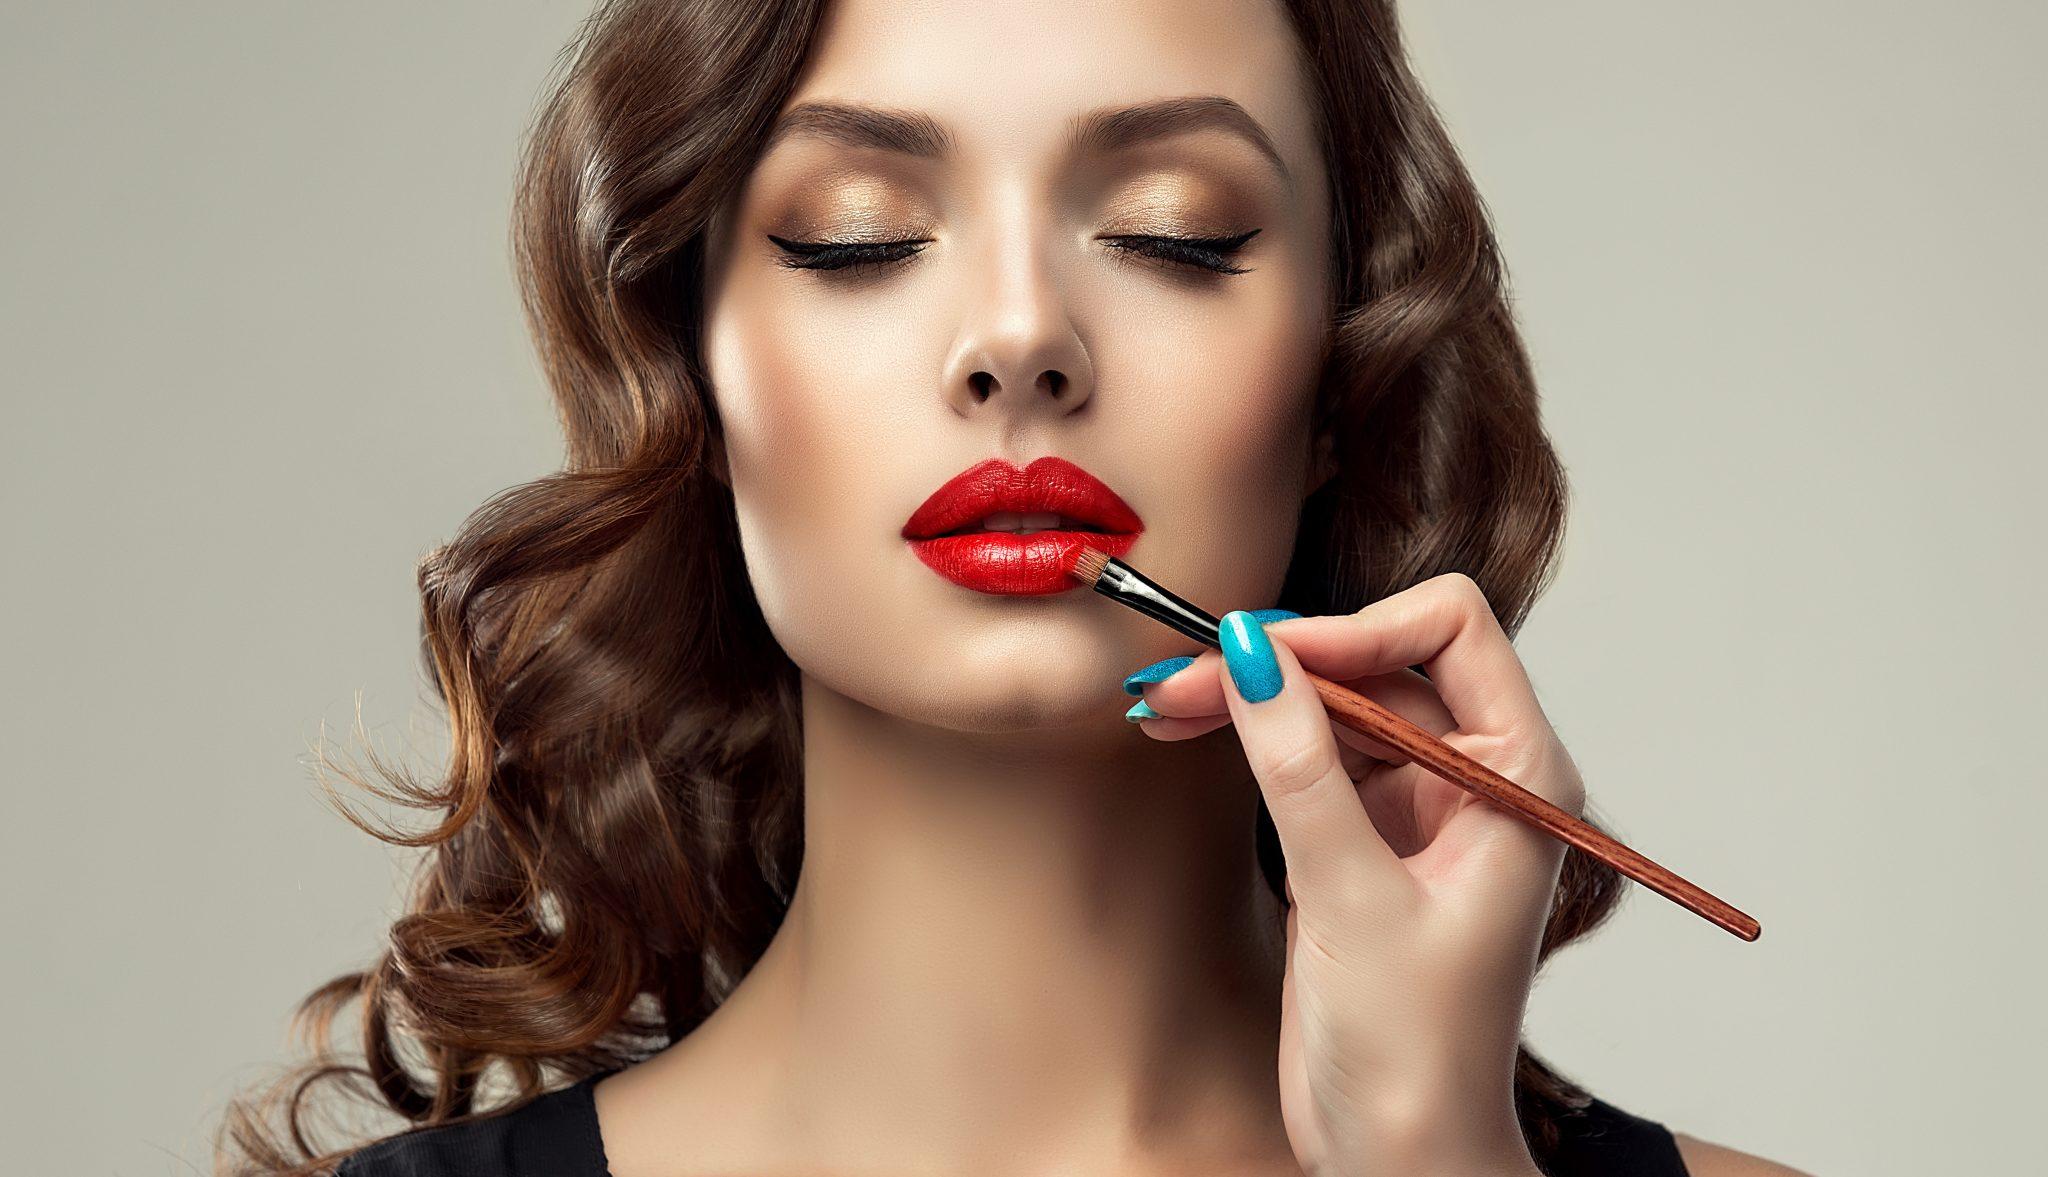 Mica là một loại khoáng chất tự nhiên, sau khi tán mịn sẽ được thêm vào trong các sản phẩm làm đẹp cho phụ nữ như phấn mắt, son môi, má hồng… để tạo nên những ánh nhũ tự nhiên rất đẹp mắt